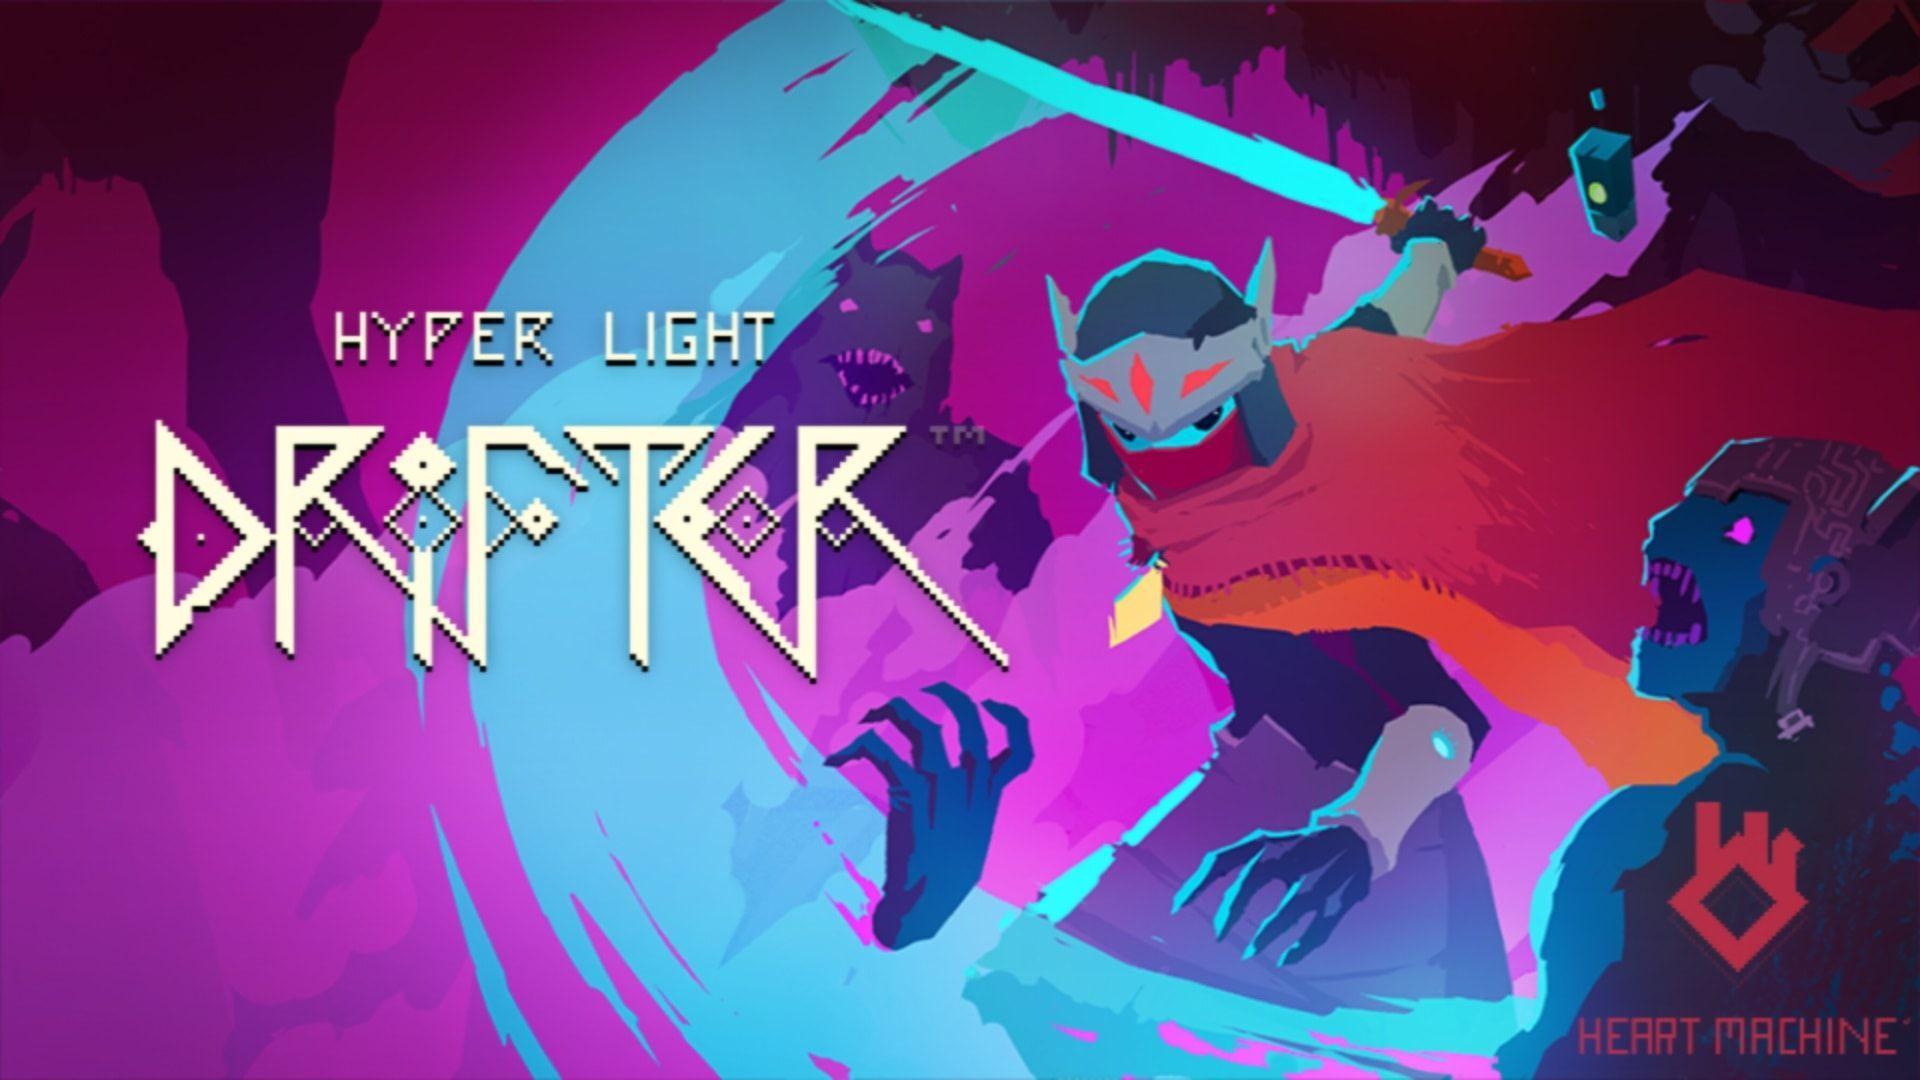 Hyper Light Drifter Wallpapers Top Free Hyper Light Drifter